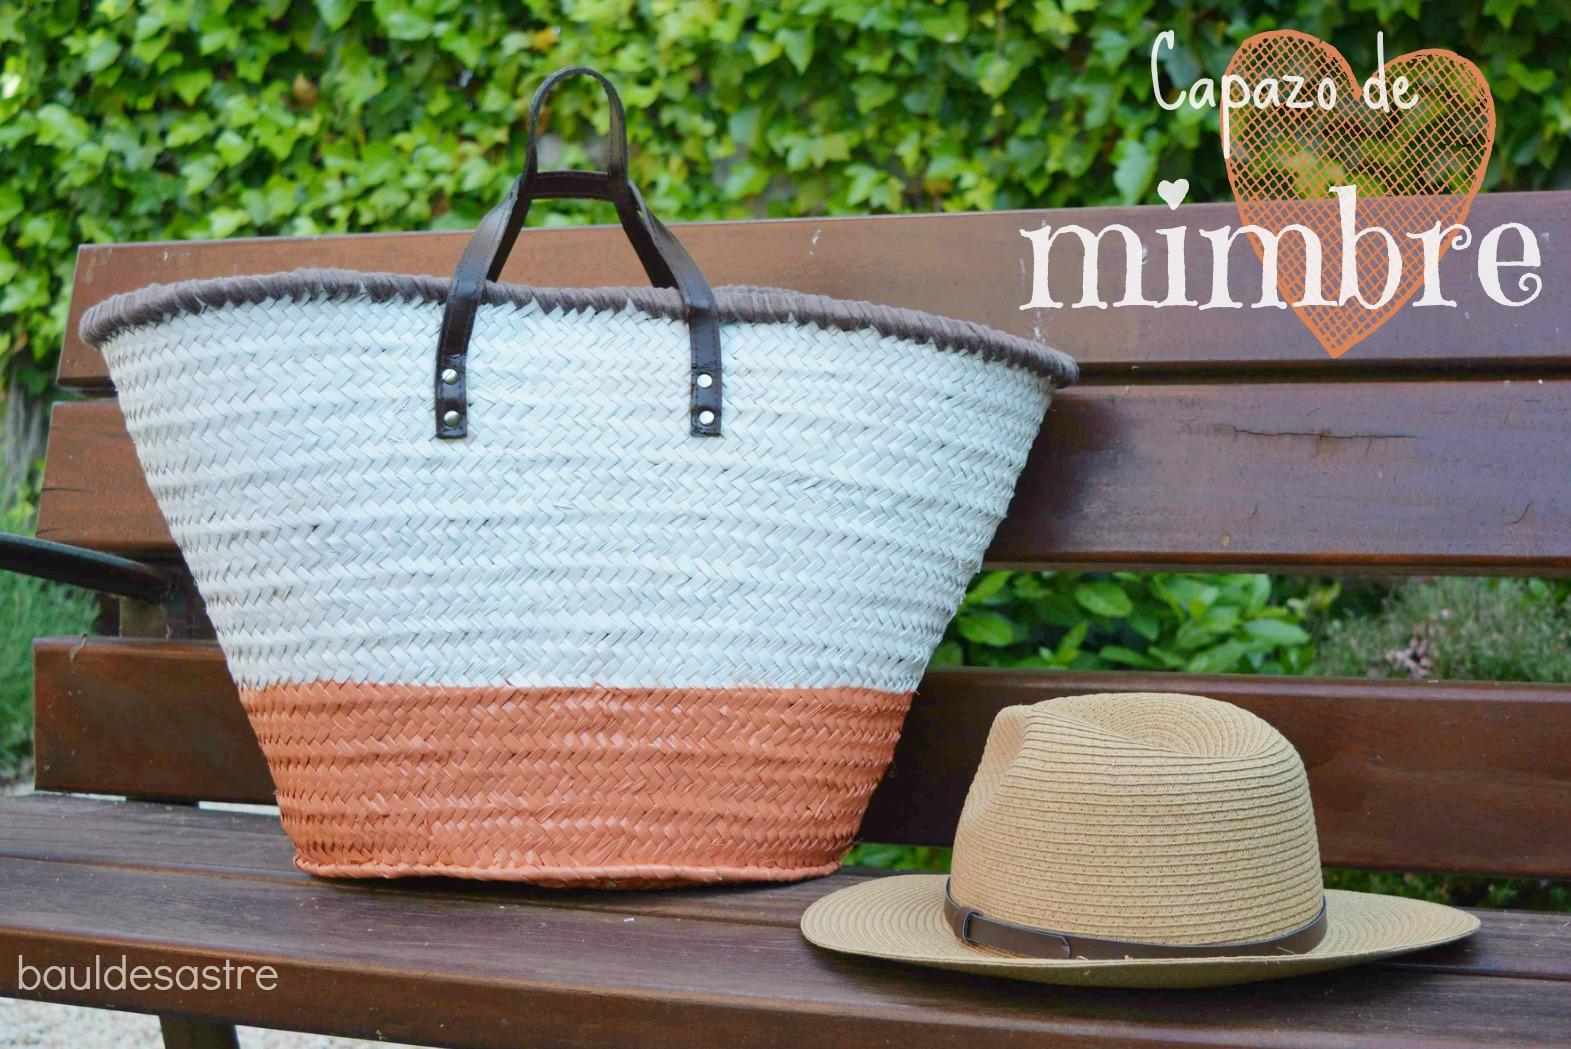 Diy capazo de mimbre handbox craft lovers comunidad diy tutoriales diy kits diy - Capazo mimbre playa ...